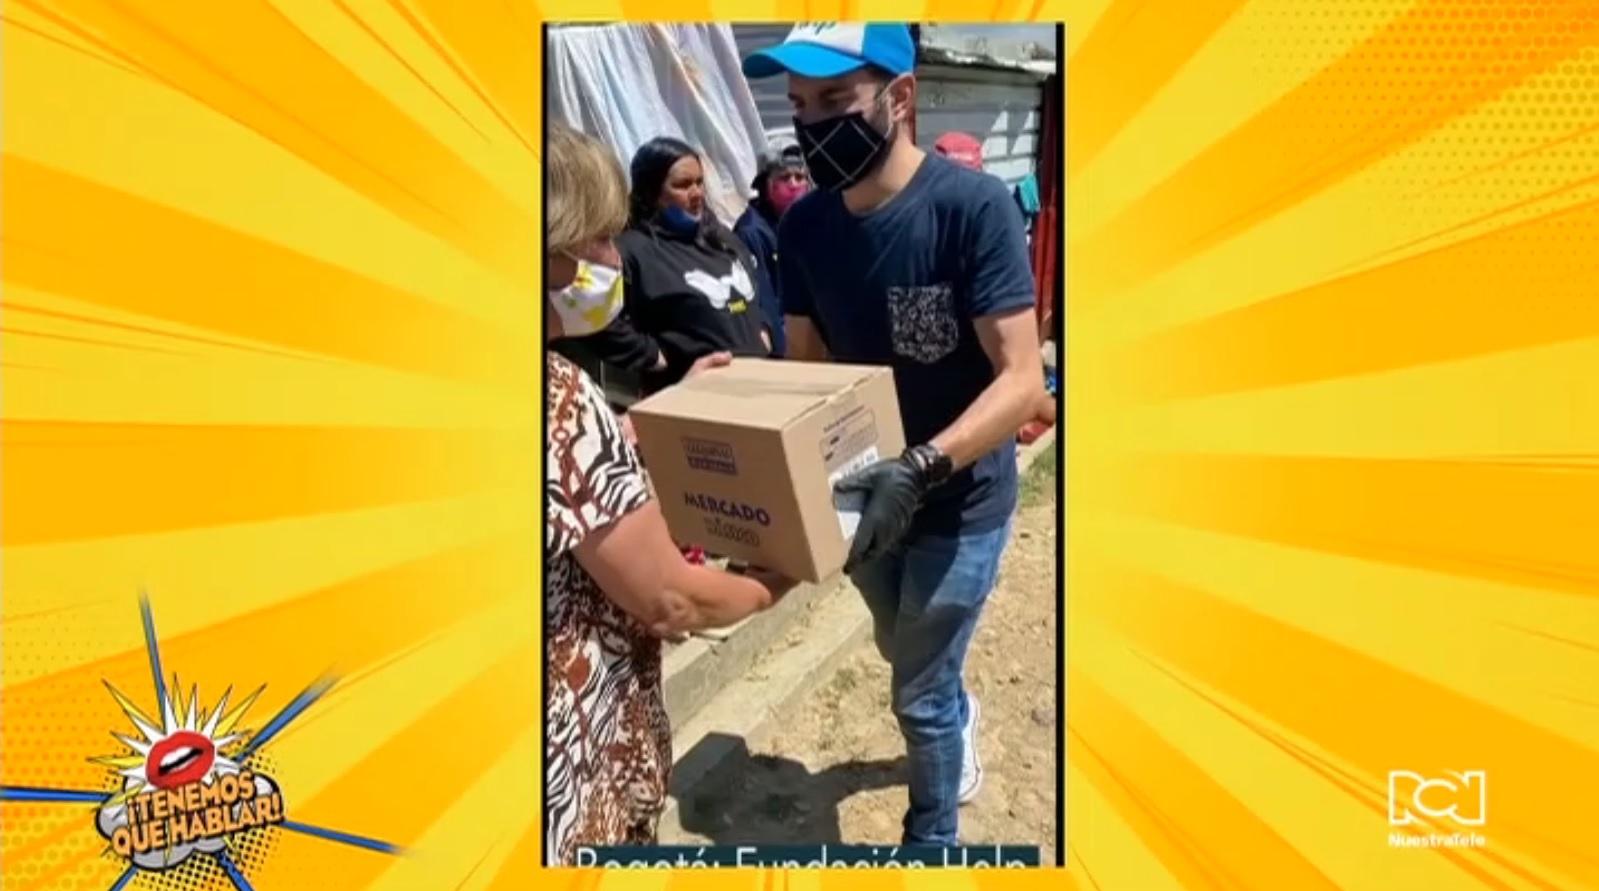 """Fundación """"Caring For Colombia"""" impulsa campaña benéfica para ayudar familias colombianas afectadas por la pandemia"""